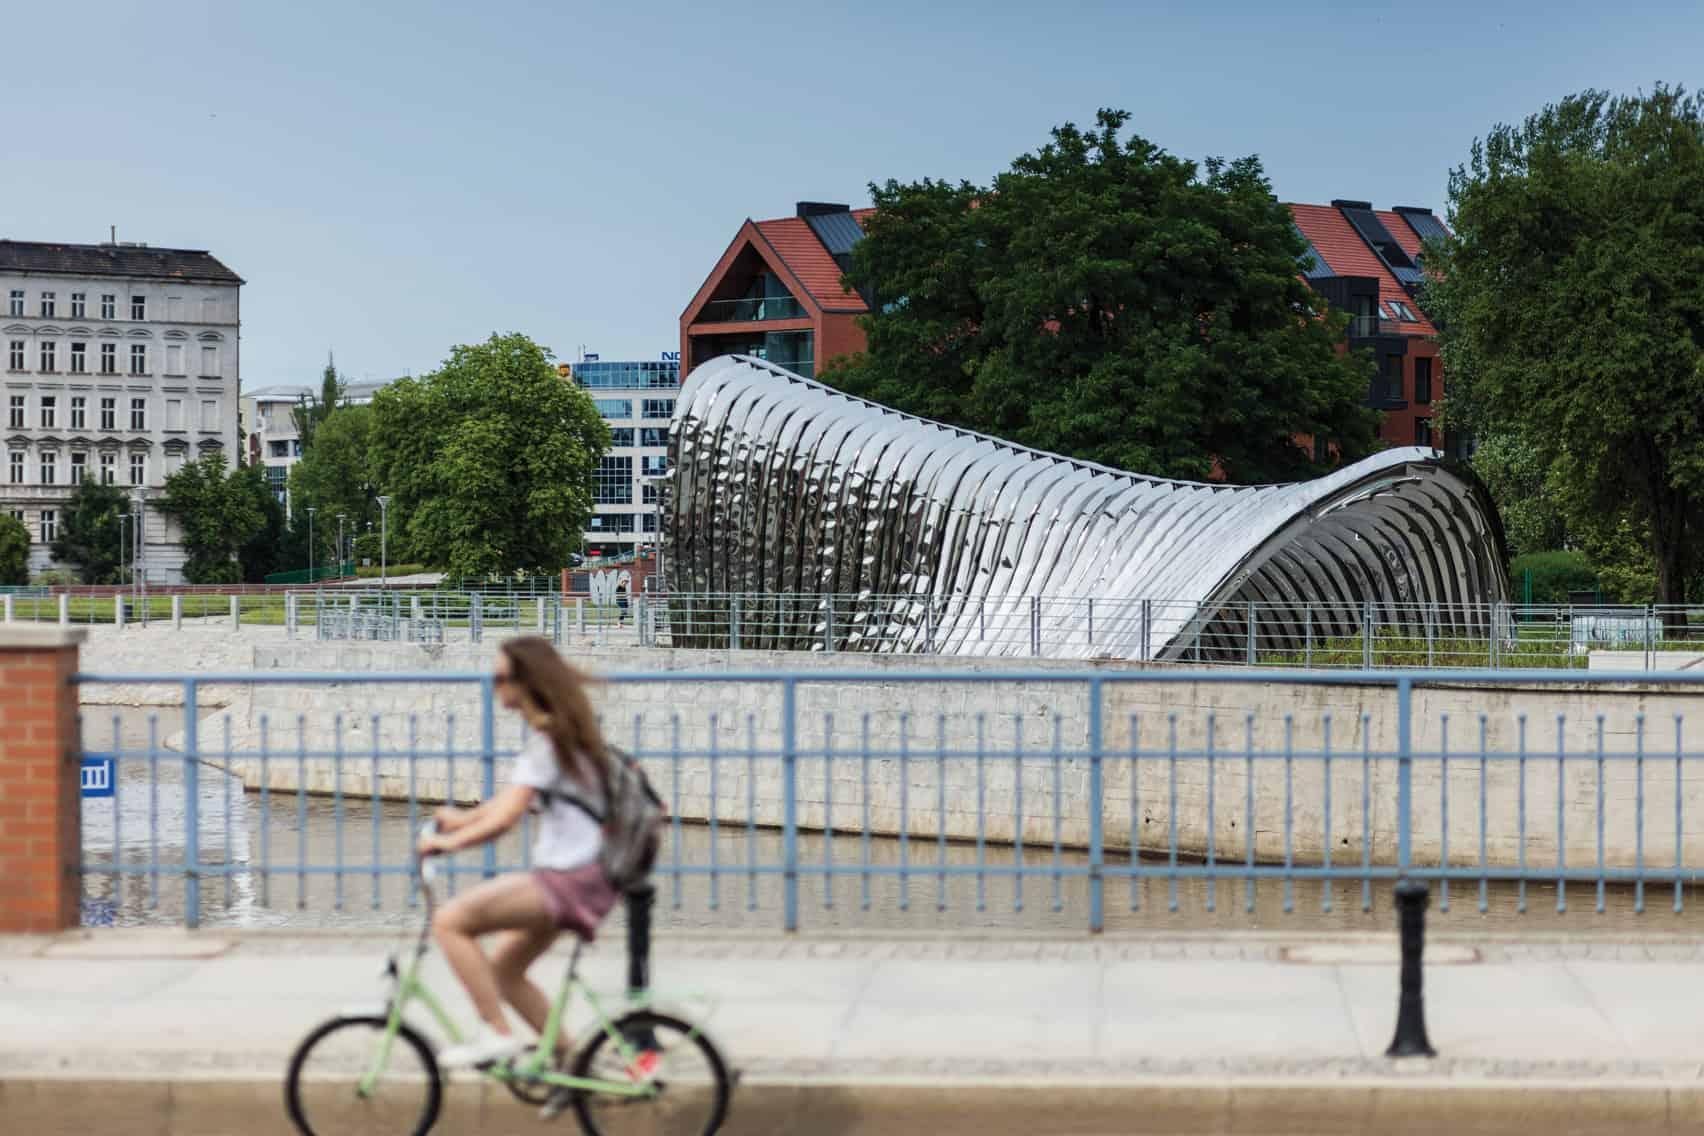 oskar zieta wroclaw sculpture 11